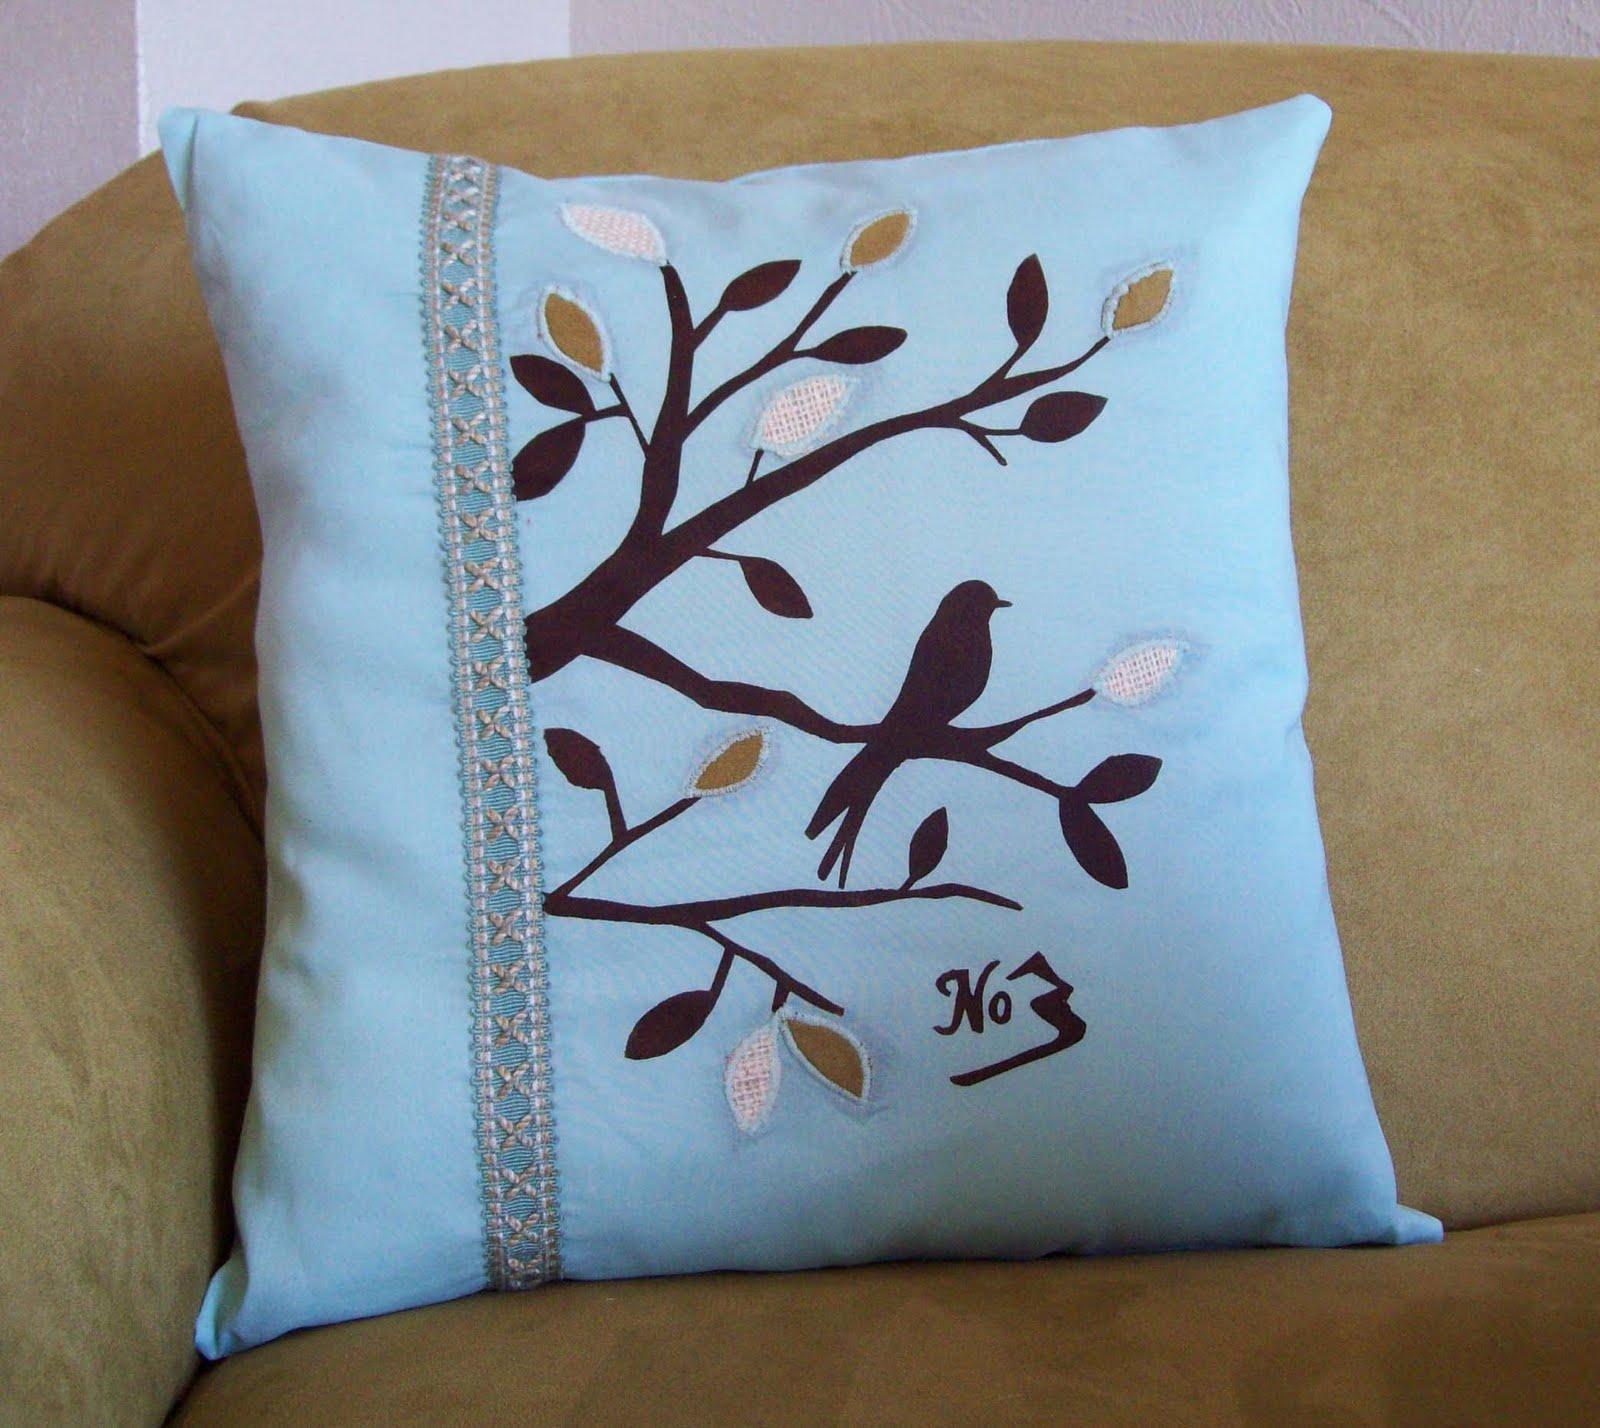 http://4.bp.blogspot.com/_KmOxAjZL5Uk/TGYvrPaOhaI/AAAAAAAAAis/2YsnETkrI7A/s1600/pillow1.jpg